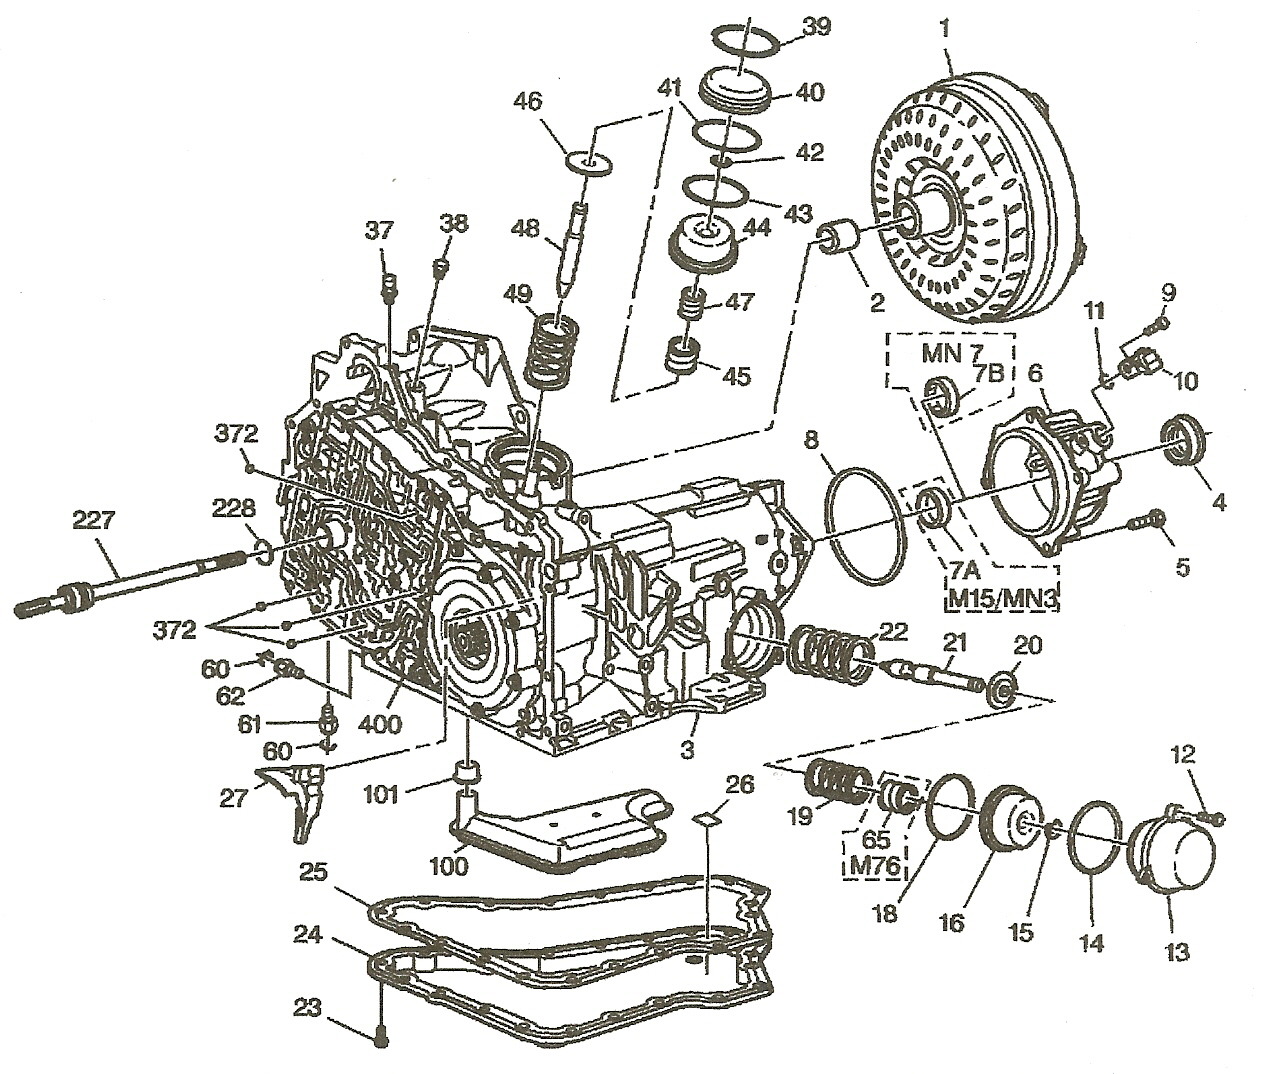 pontiac montana engine diagram pontiac montana engine